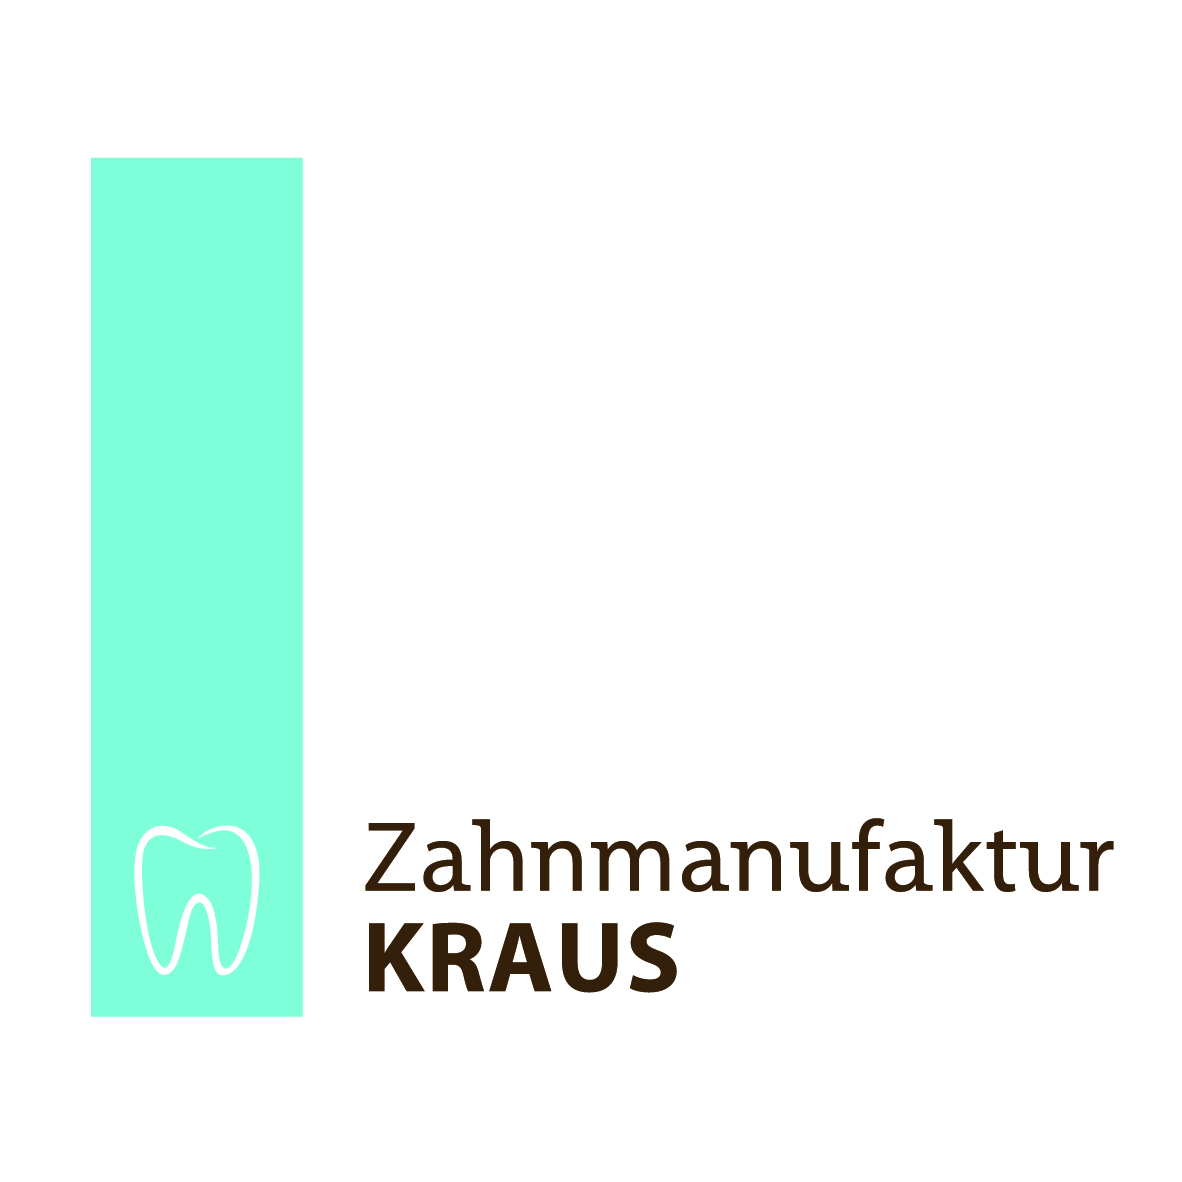 Zahnmanufaktur Kraus